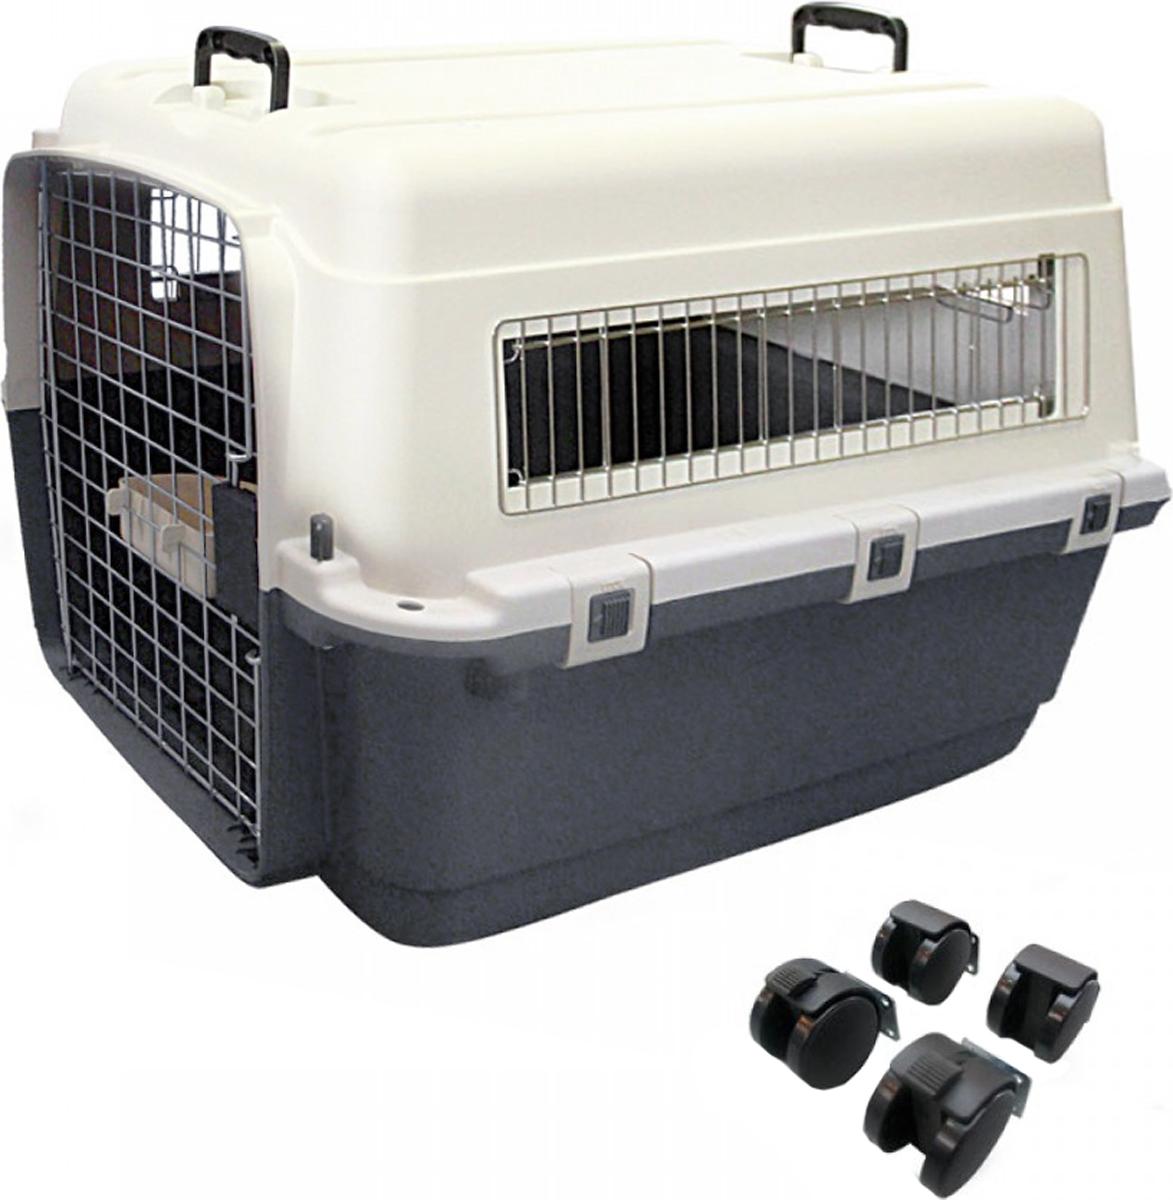 Переноска для собак Triol Premium Extra Large, цвет: серый, 90 x 60 x 68 см цепь поводок для собак triol с кожаной ручкой 3х110х10см